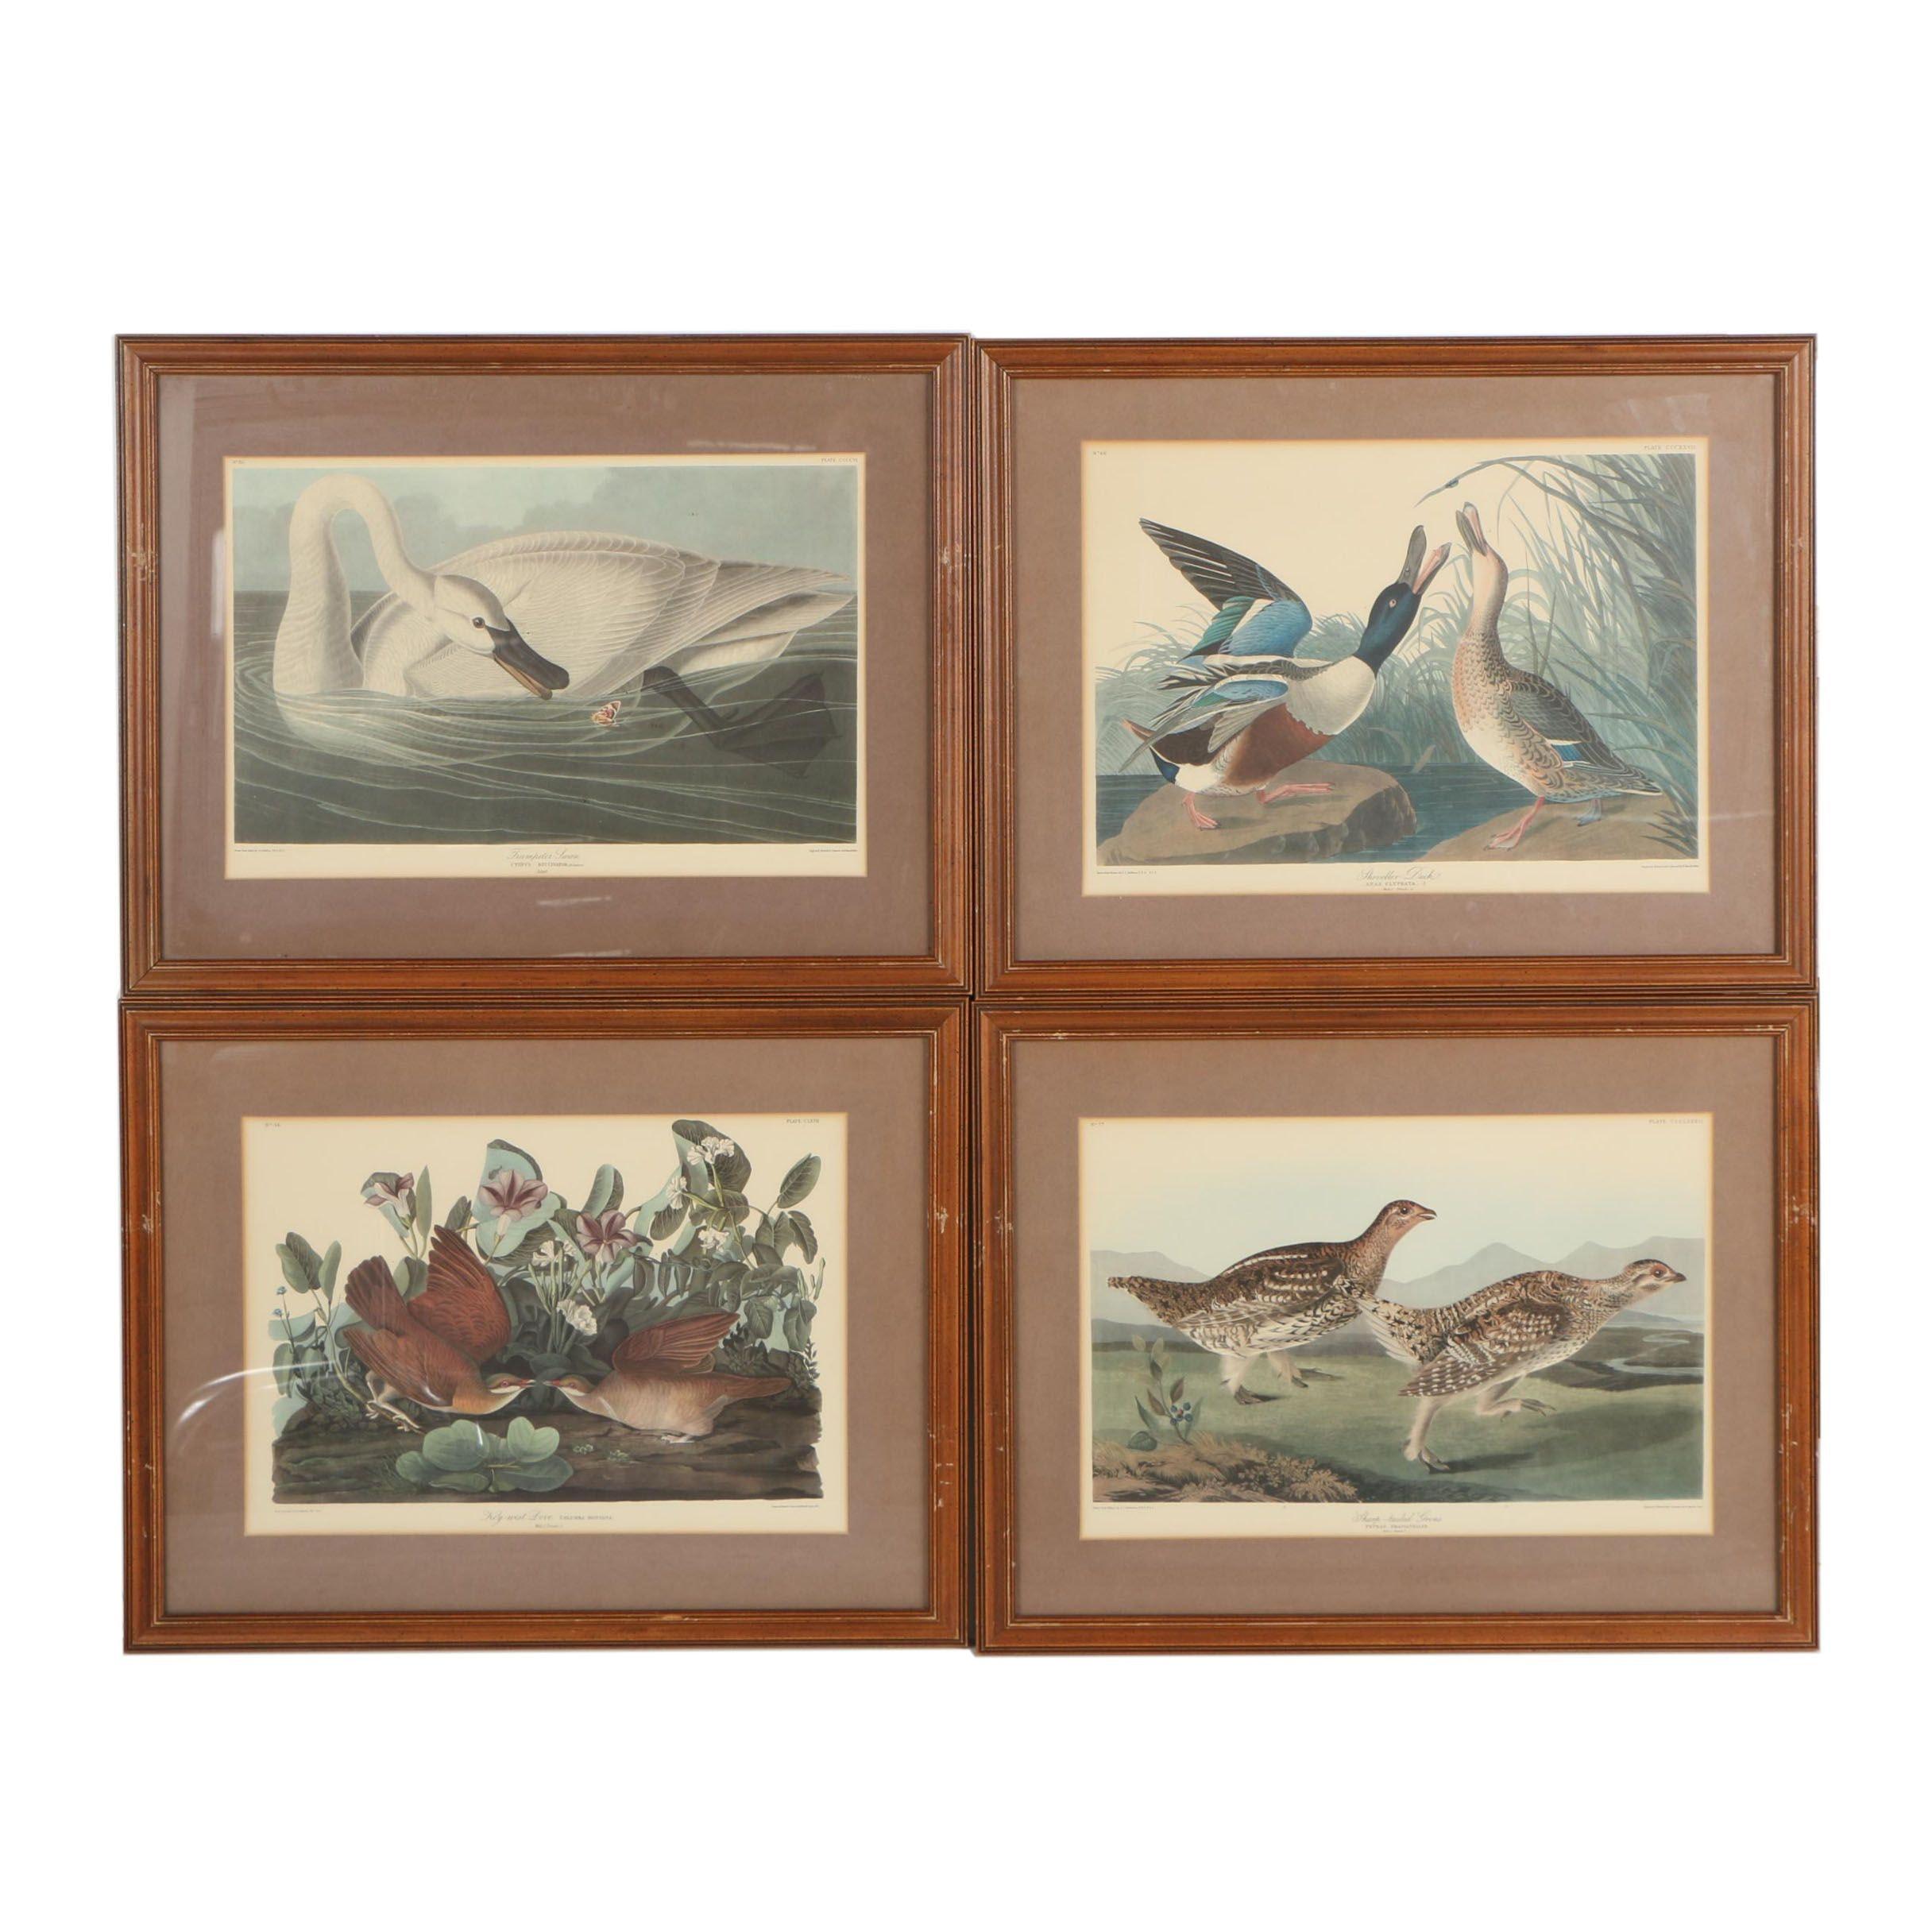 Offset Lithographs after B. Havell after John J. Audubon